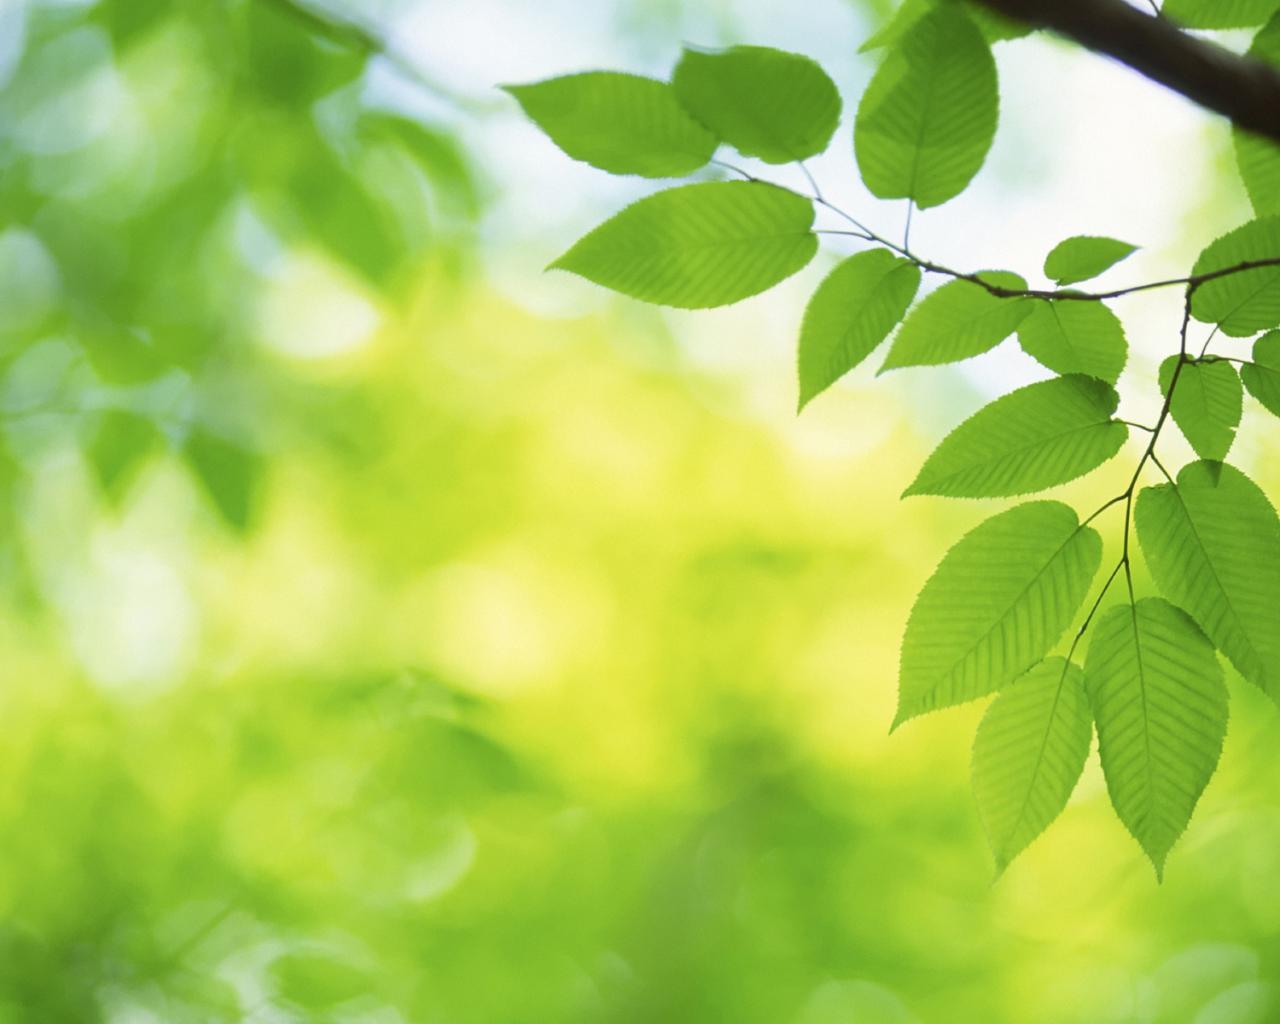 Листья зелень обои для рабочего стола